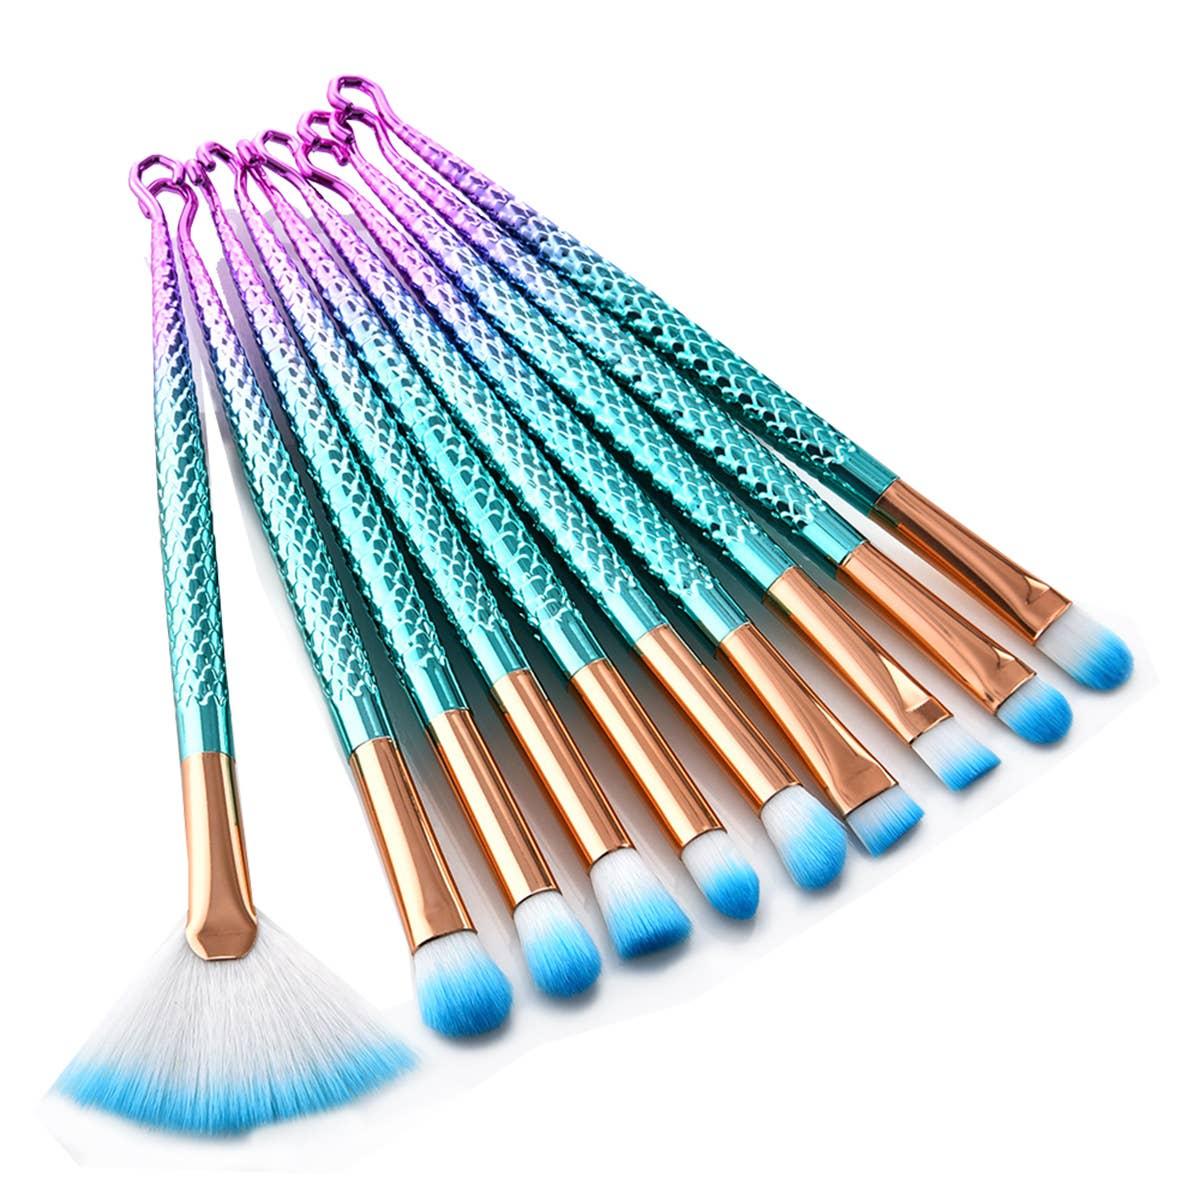 Mermaid Eyeshadow Makeup Brush Set   Trada Marketplace